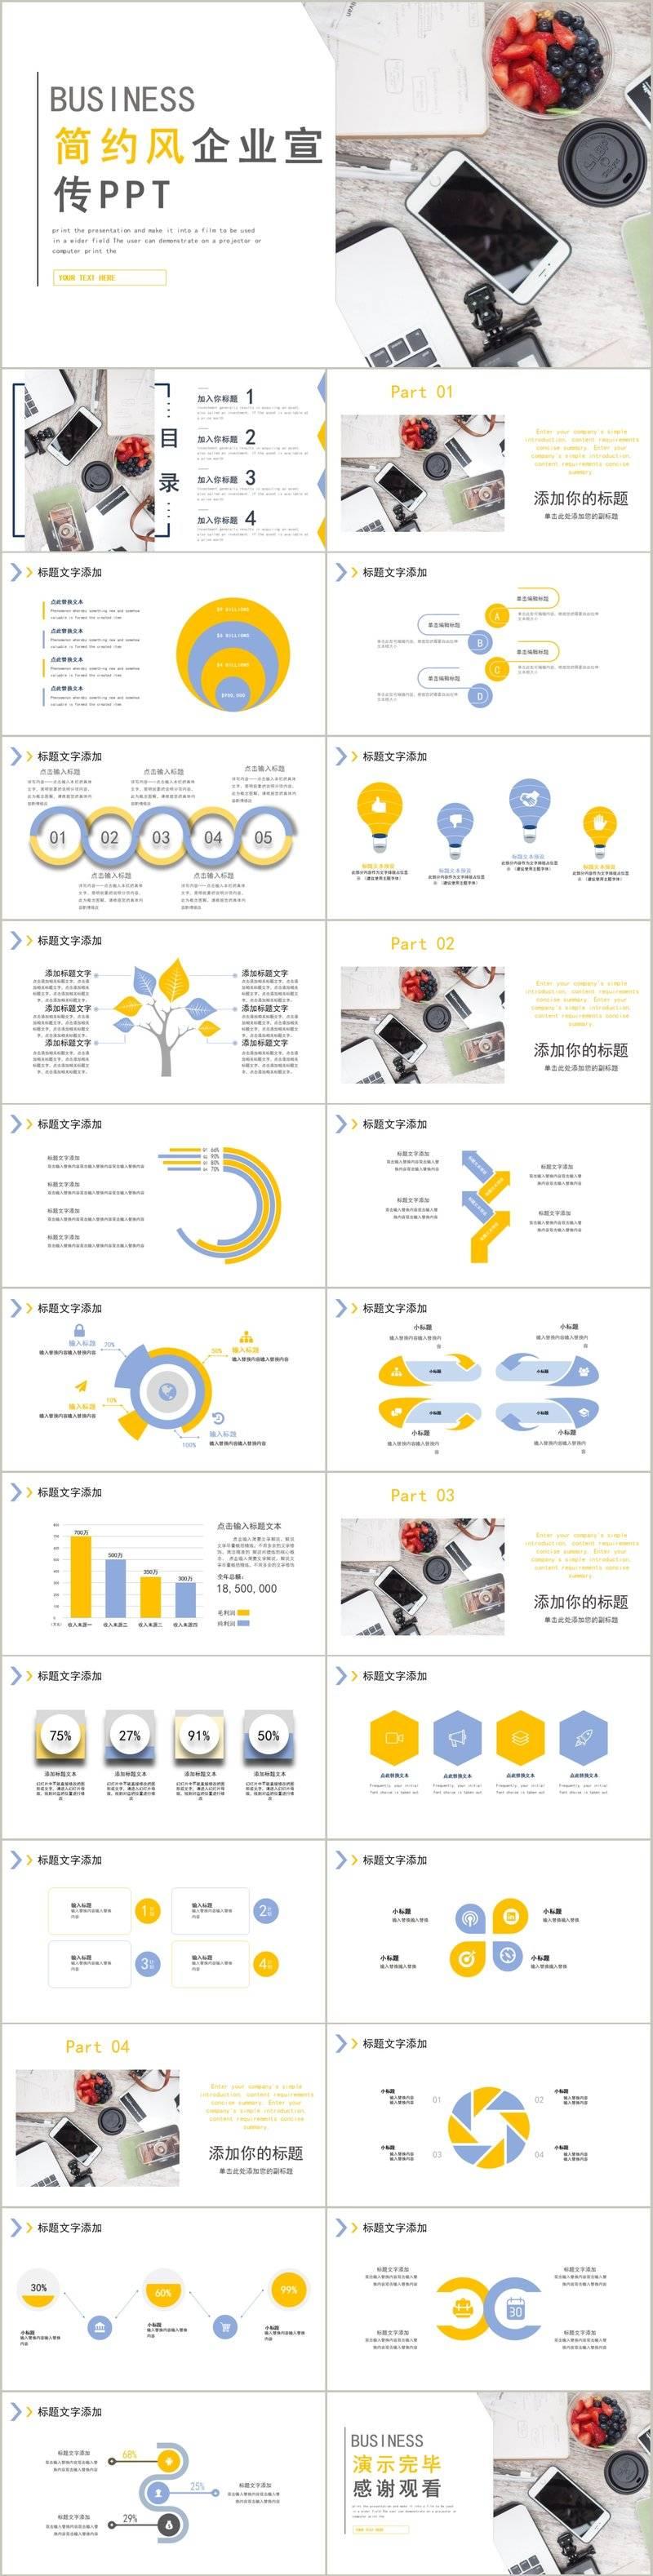 时尚简约风公司简介企业宣传工作总结通用PPT模板